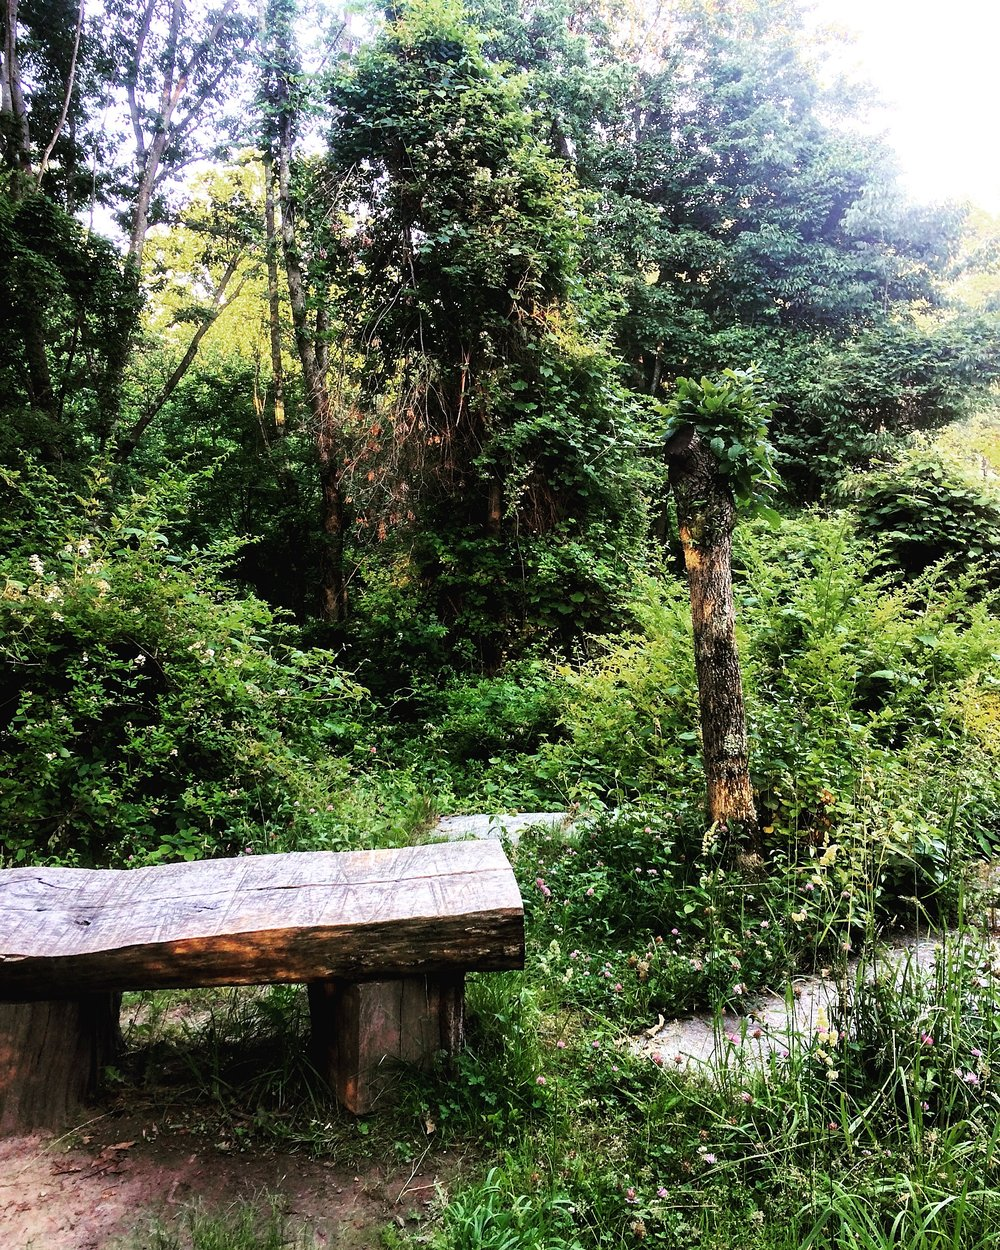 Old Croton Aqueduct Trail - Sleepy Hollow, NY